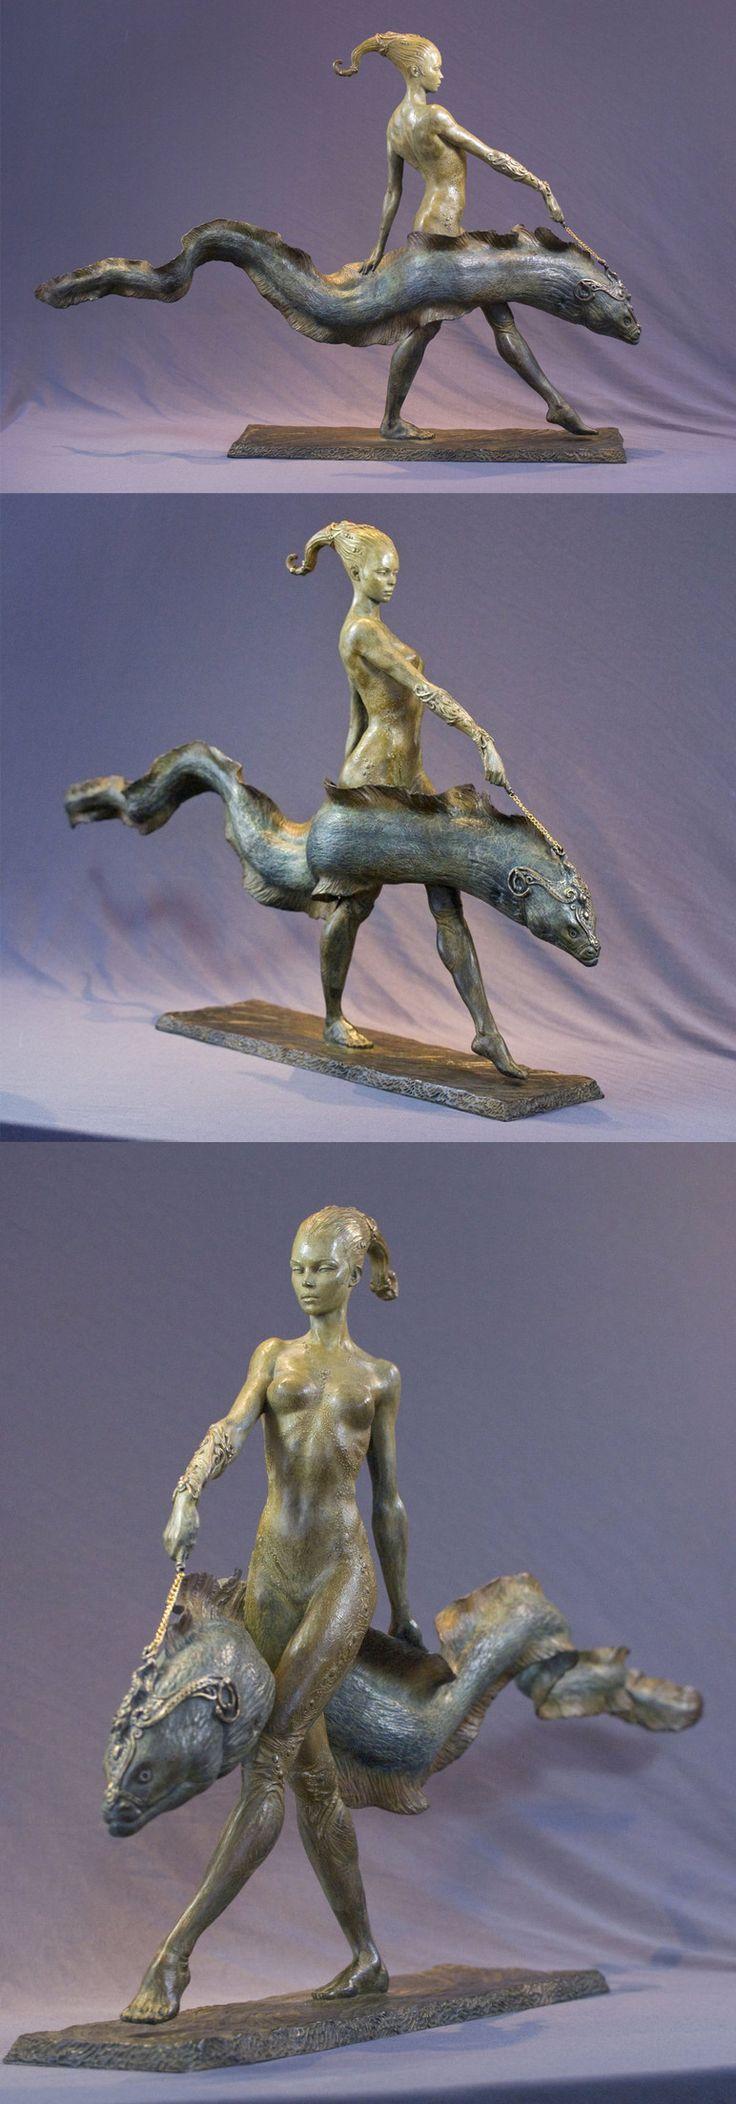 Mark Newman #sculpture